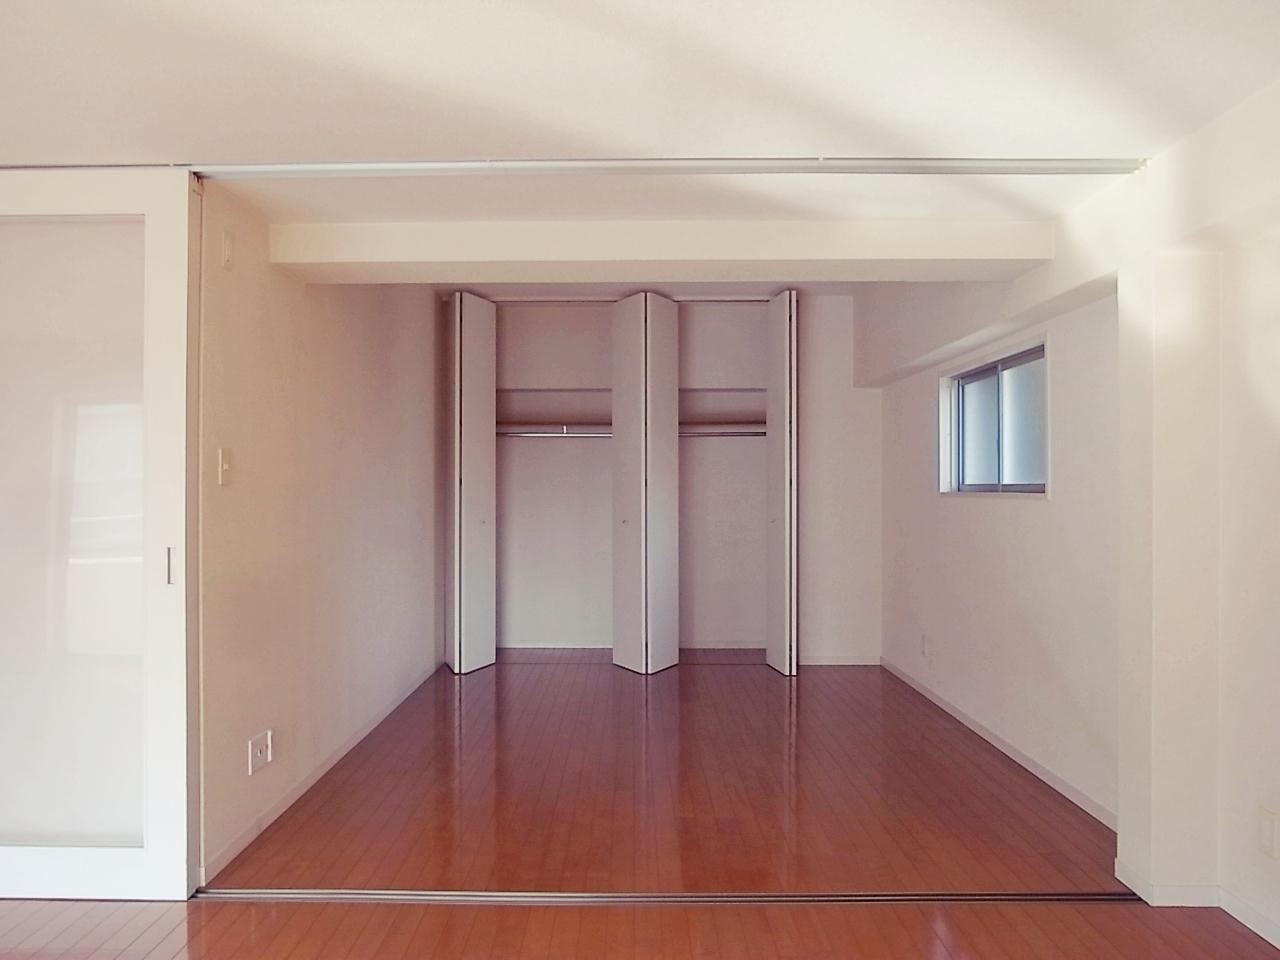 寝室になる洋室。間仕切りも収納もハイドアですっり。